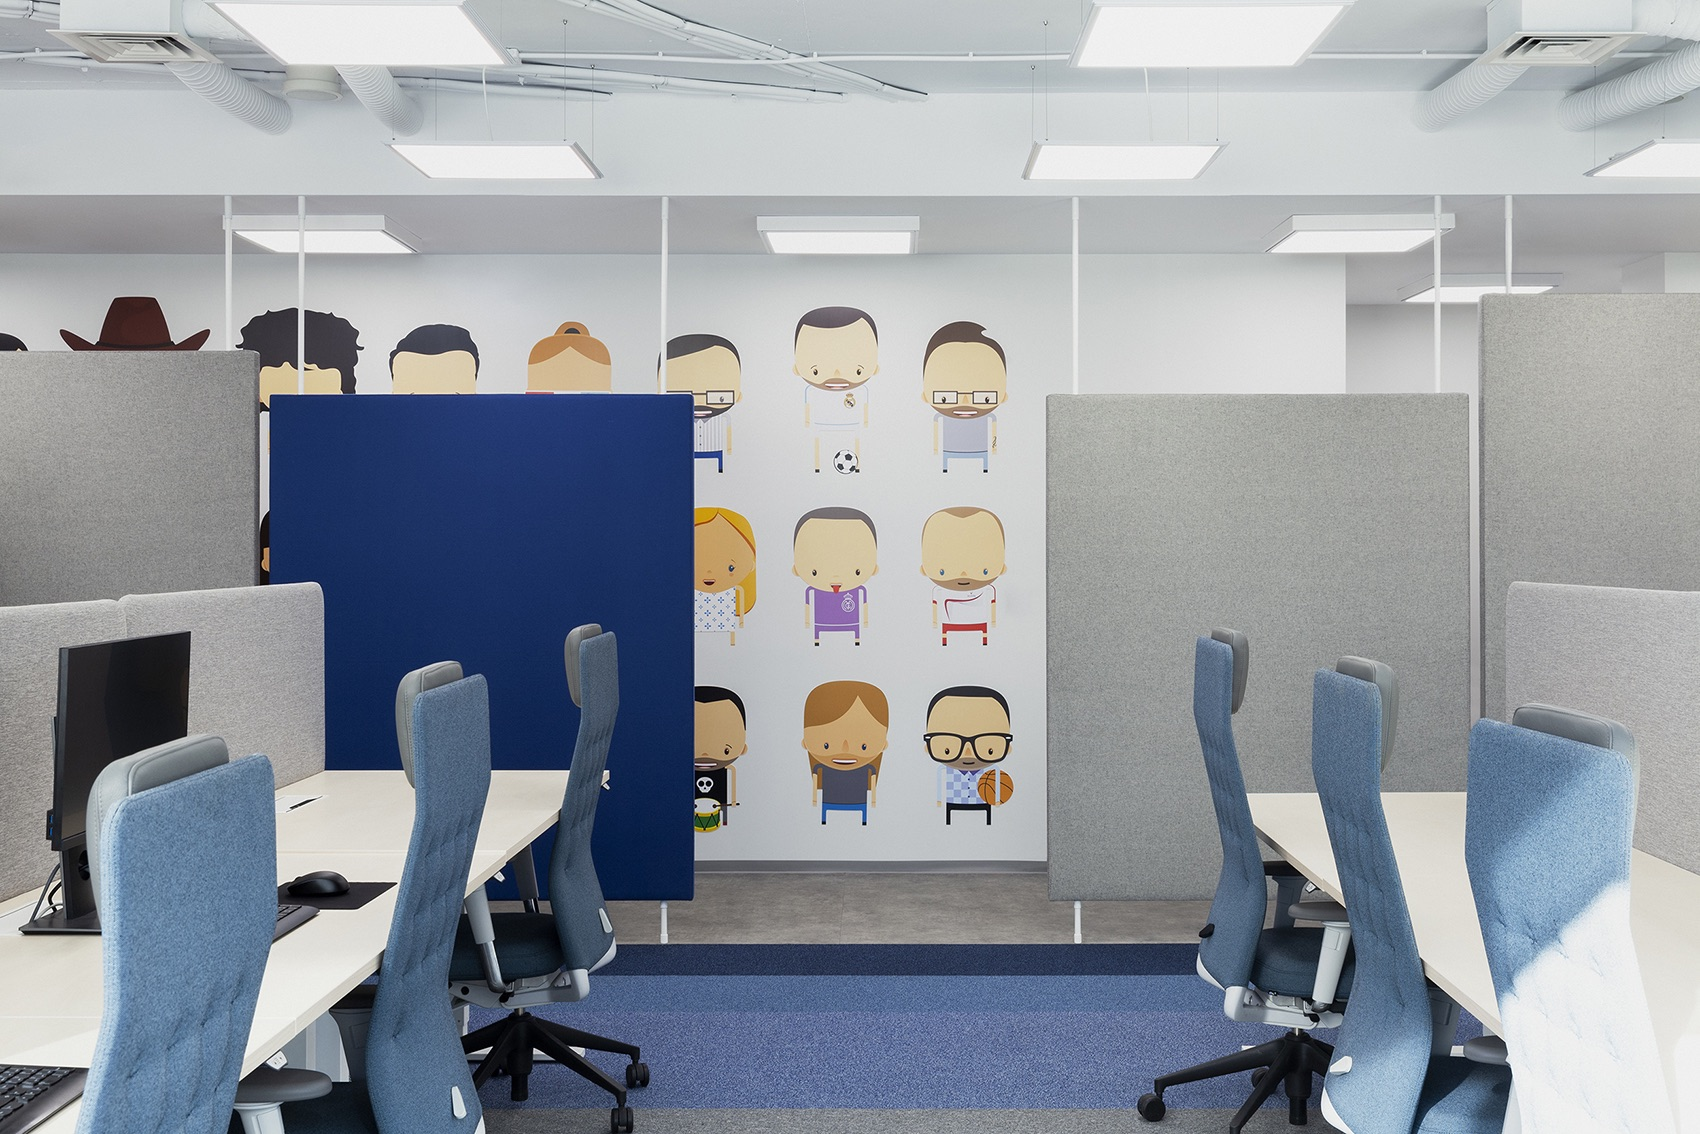 cache-atelier-interior-design-office-space-accedia-bulgaria-sofia_02